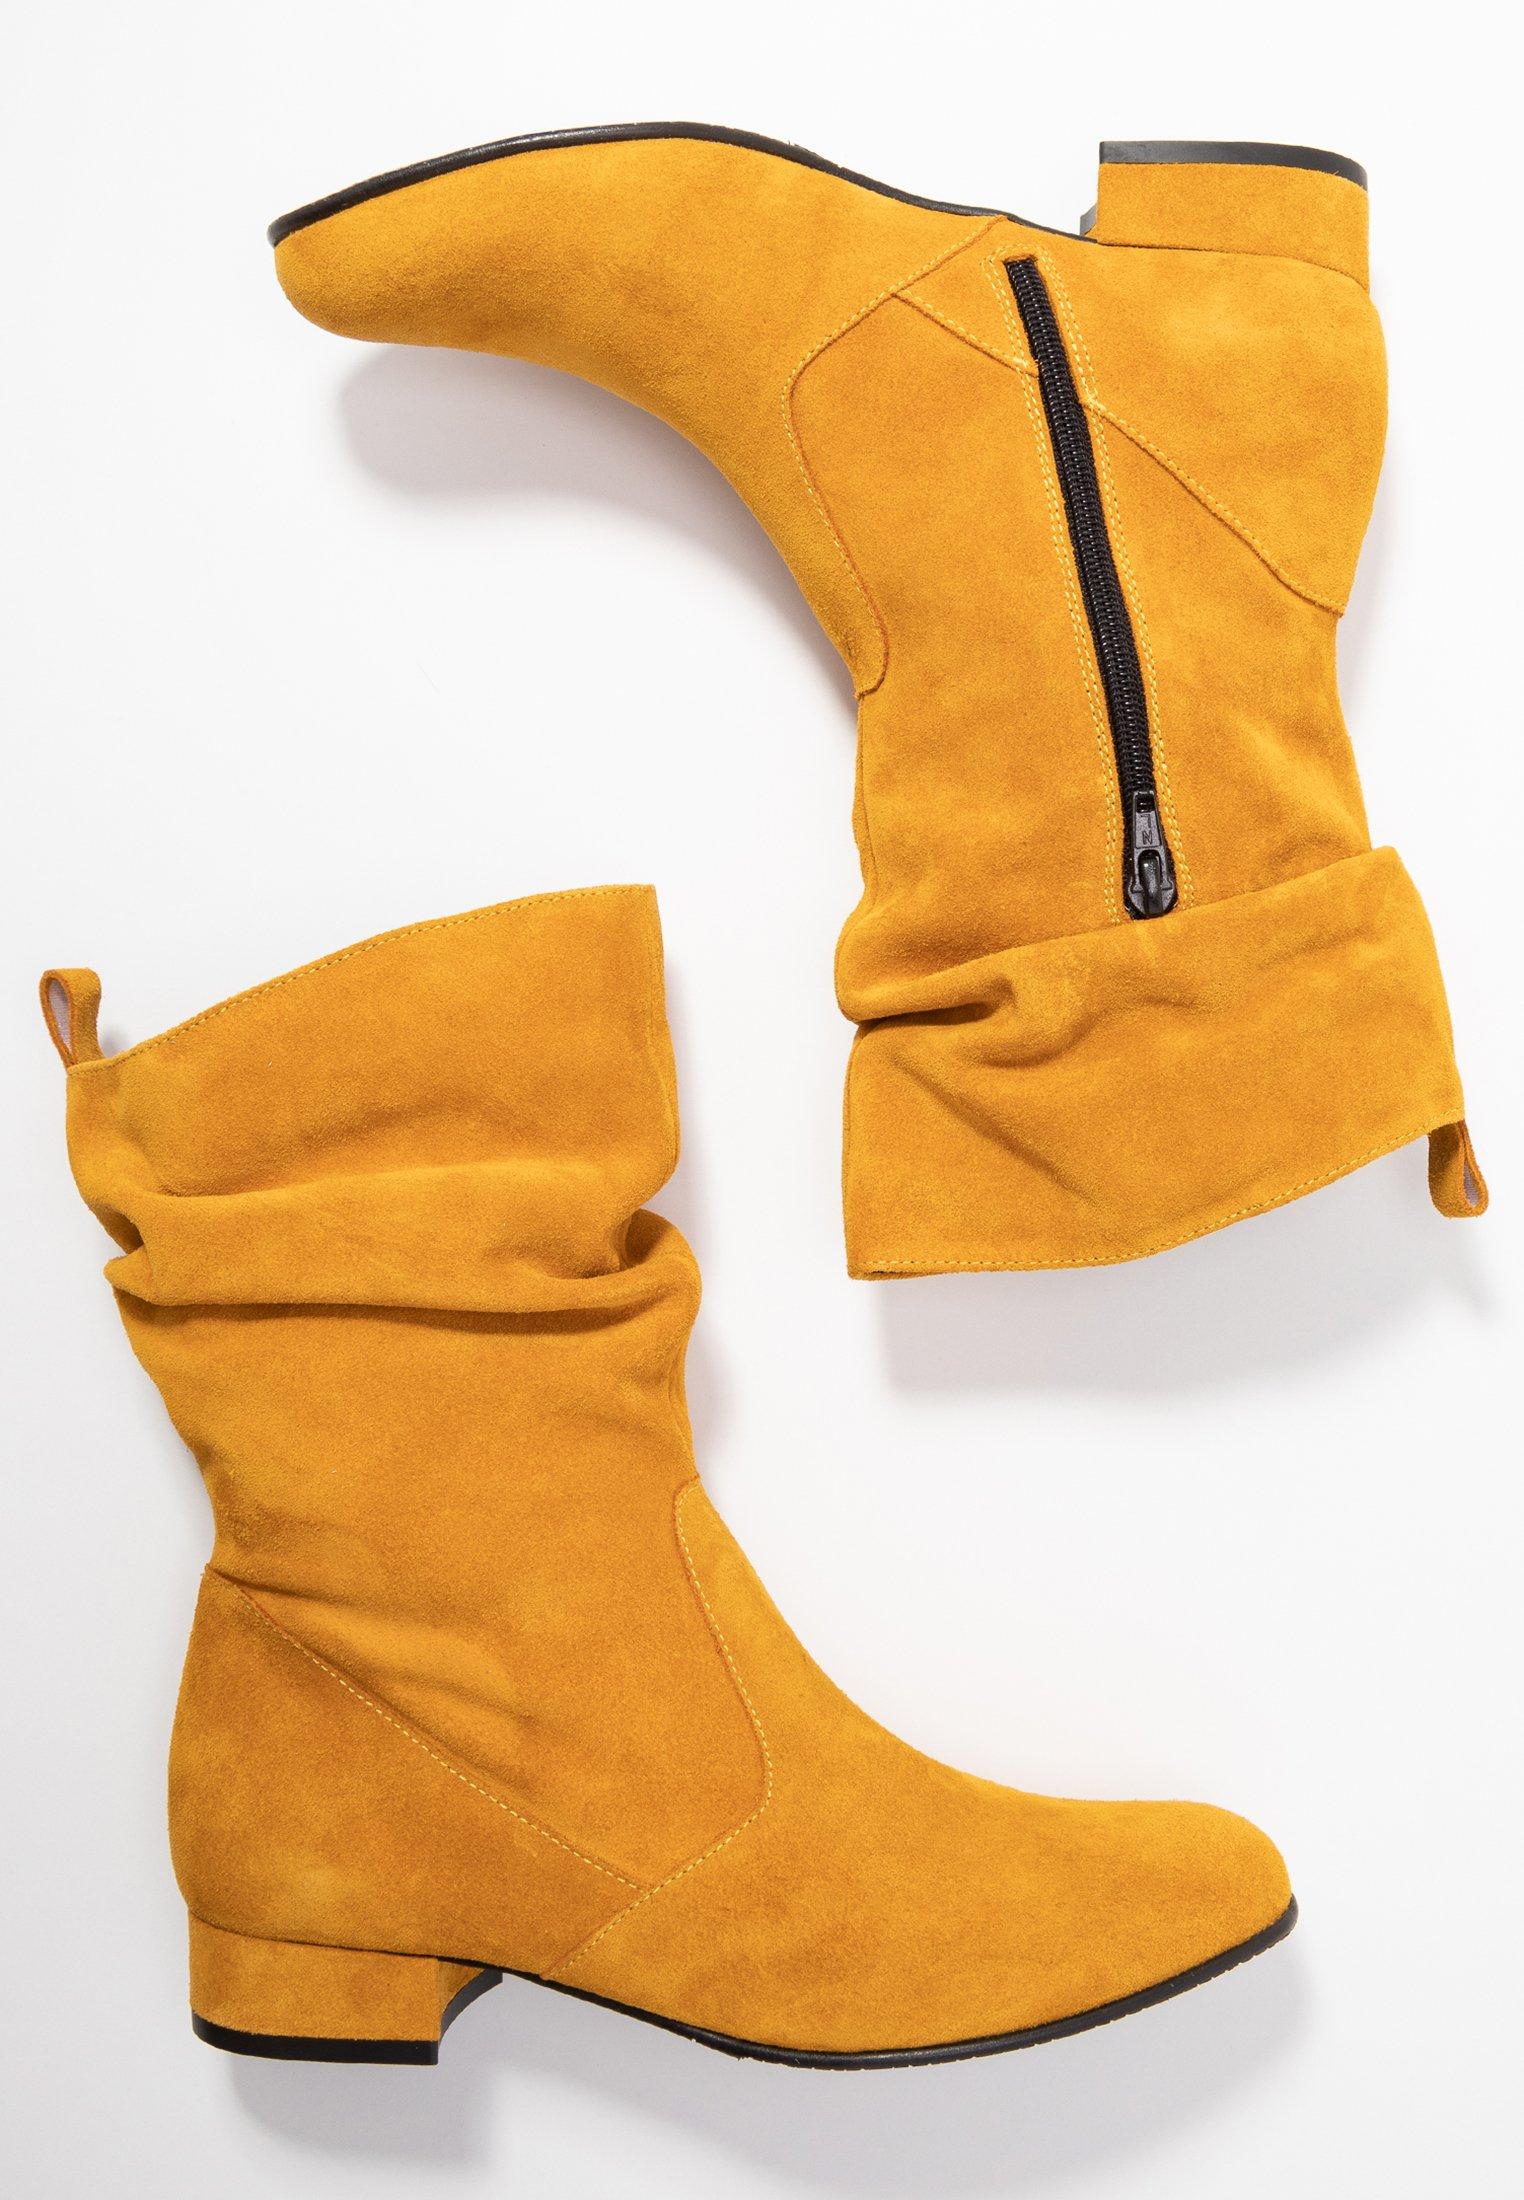 Stiefel saffron